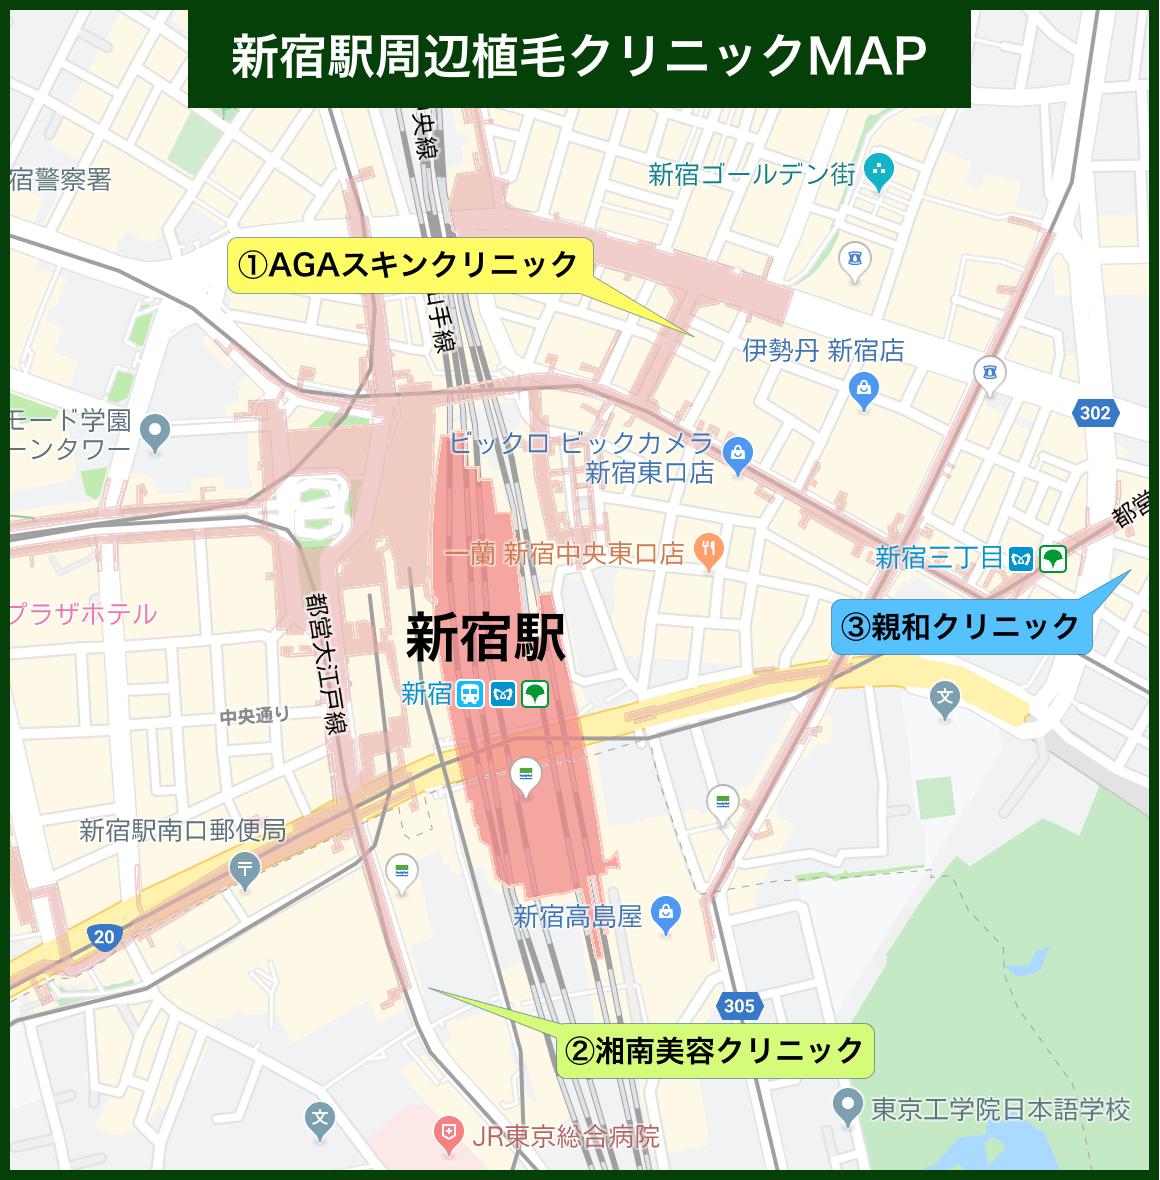 新宿駅周辺植毛クリニックMAP(2020年版)